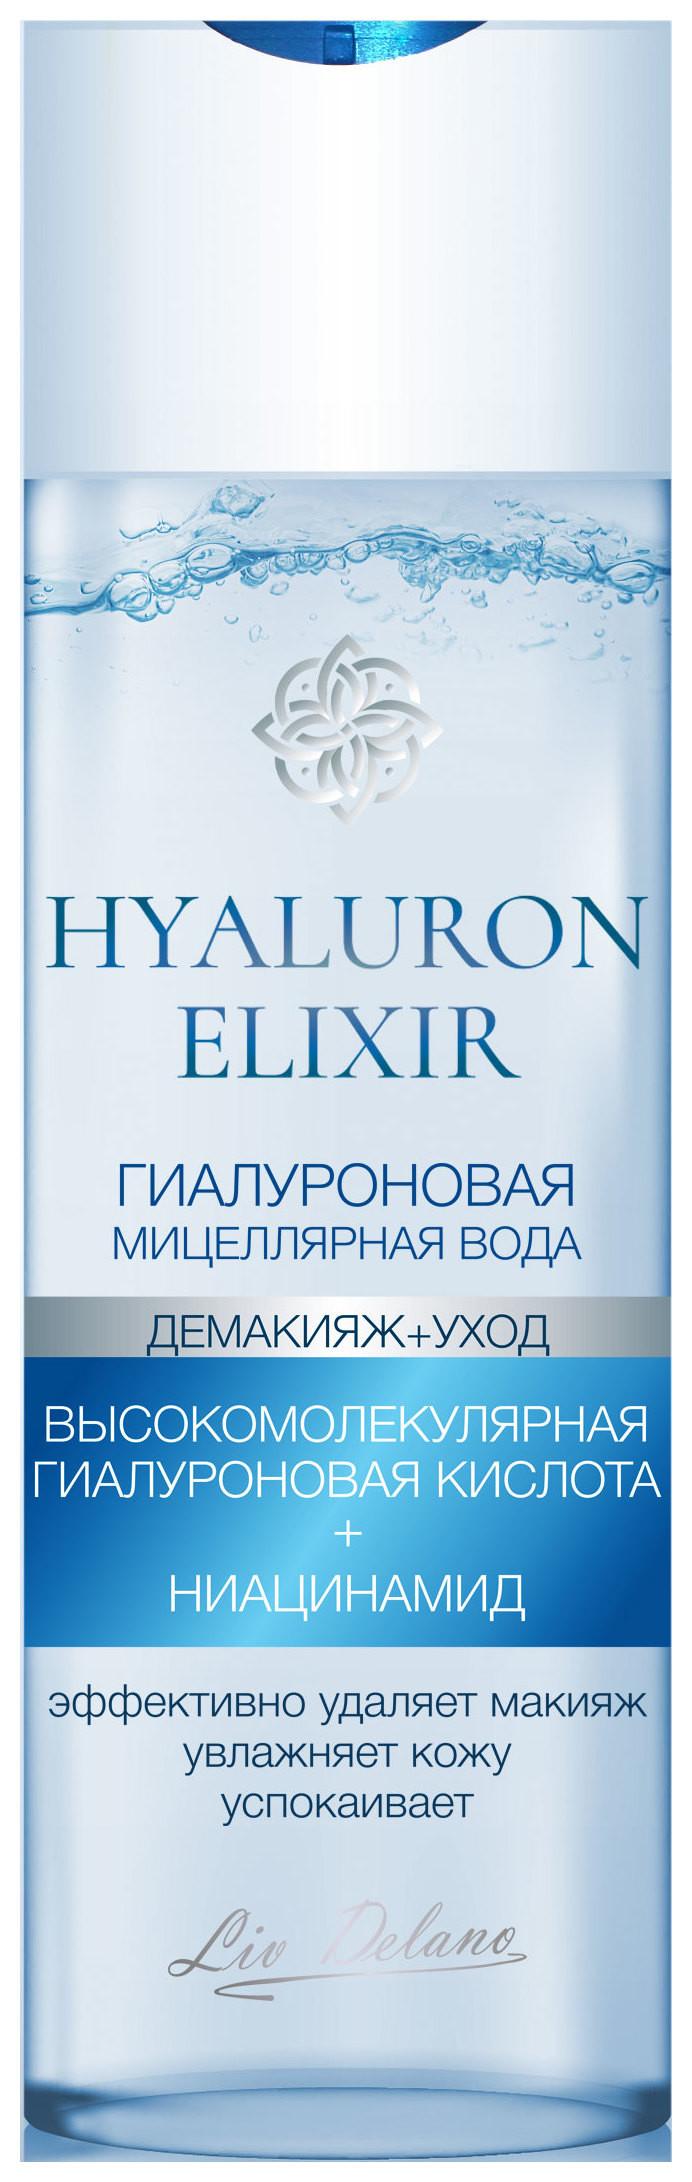 Гиалуроновая мицеллярная вода для лица Liv Delano Hyaluron Elixir